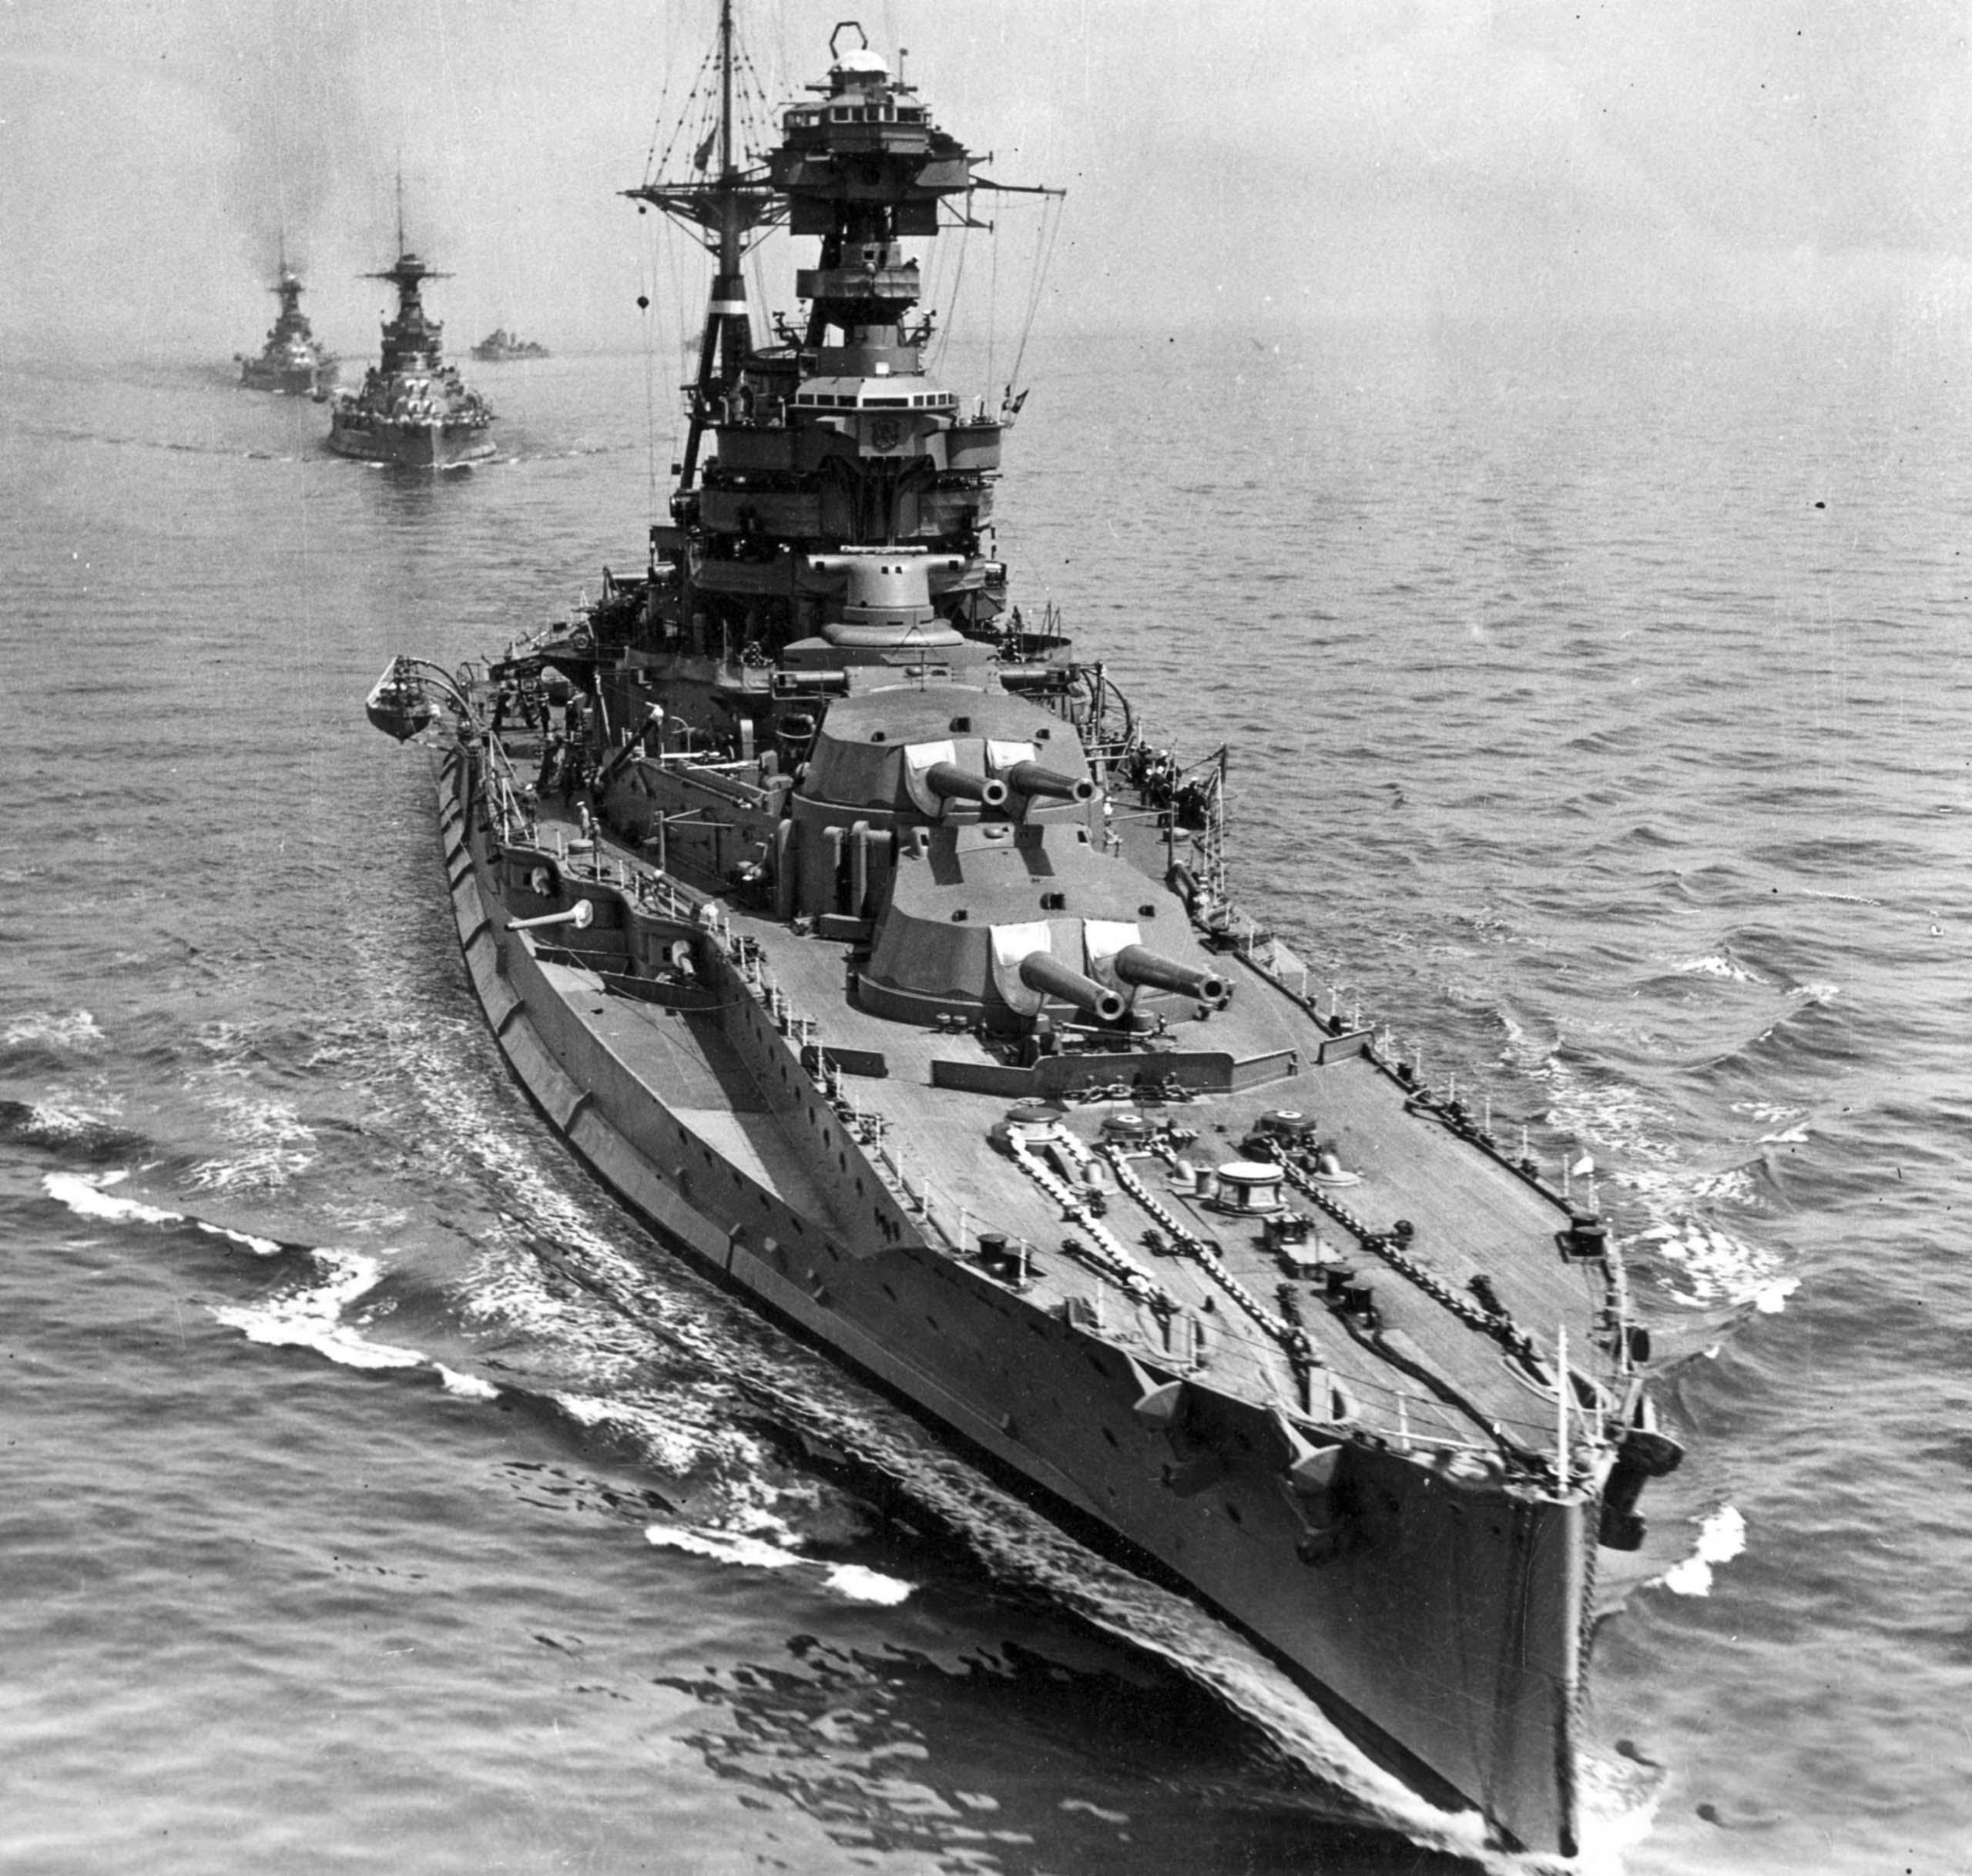 battleship Barham